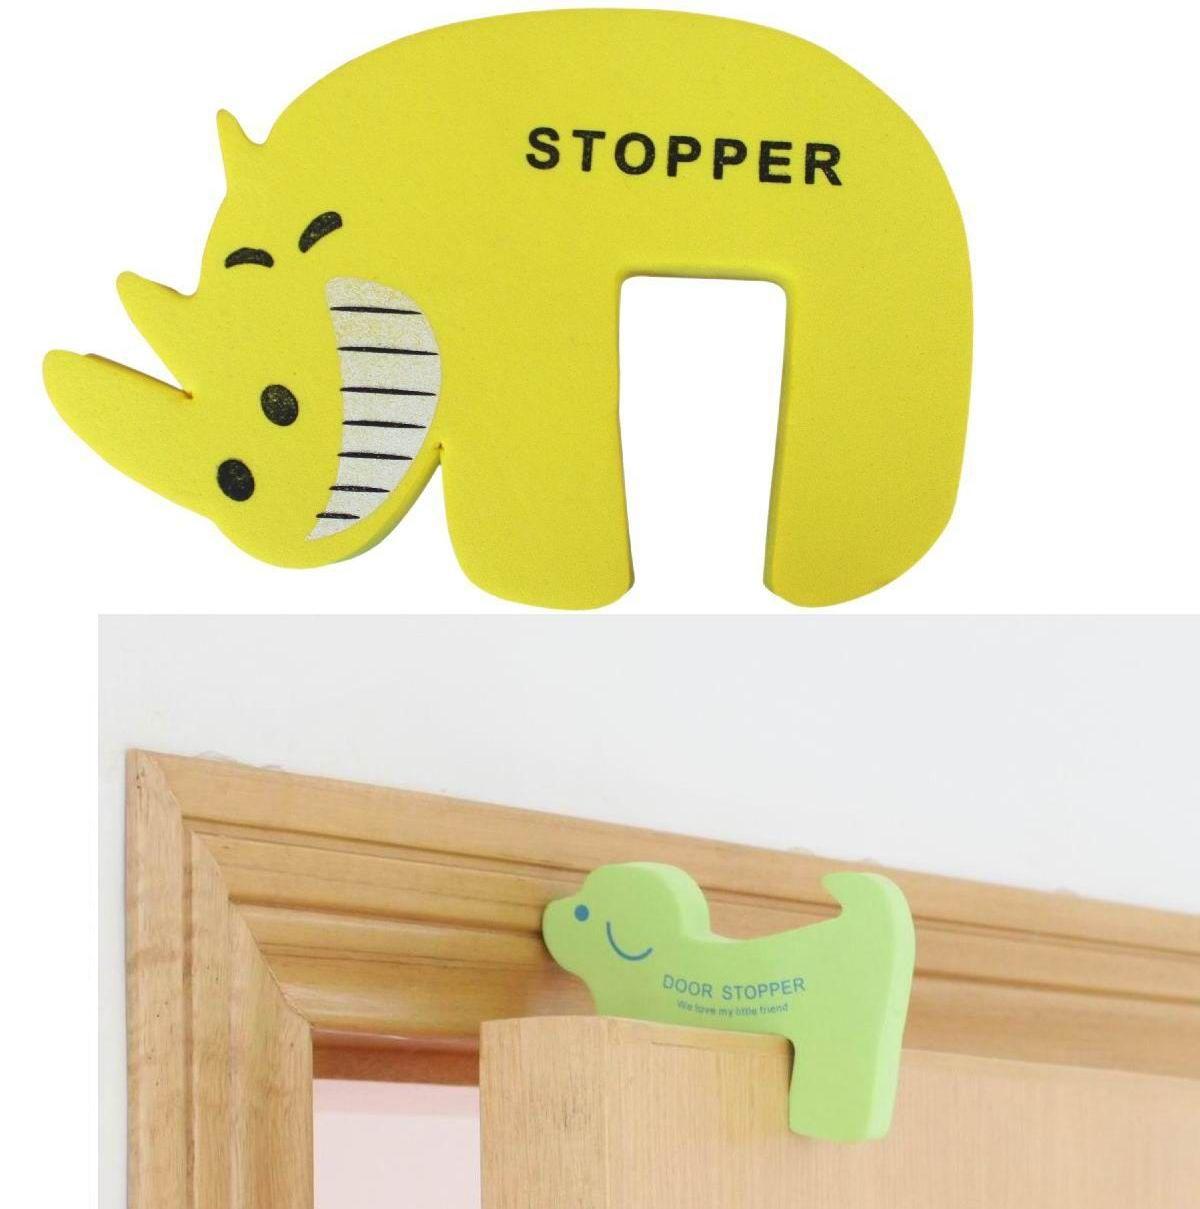 Hippo cartoon door stopper little puppy door stop to reduce noise of slamming door  sc 1 st  Pinterest & Hippo cartoon door stopper little puppy door stop to reduce noise ...